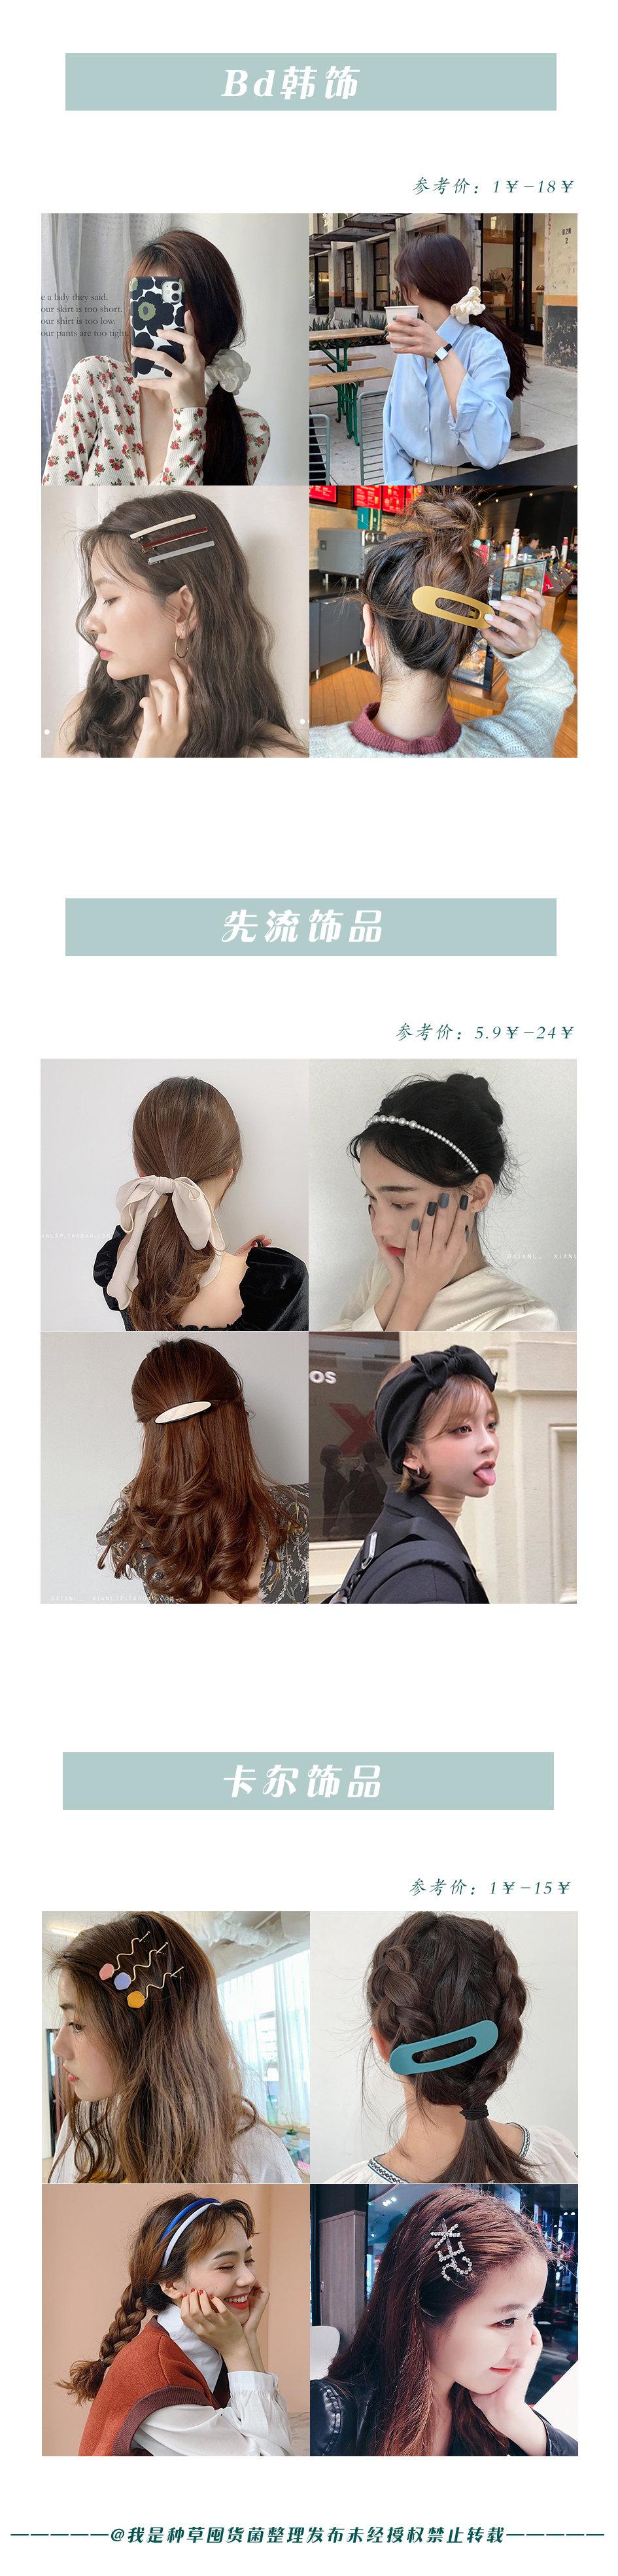 发饰分享 | 女孩的百变造型离不开各式各样的发带、发箍、发夹装扮